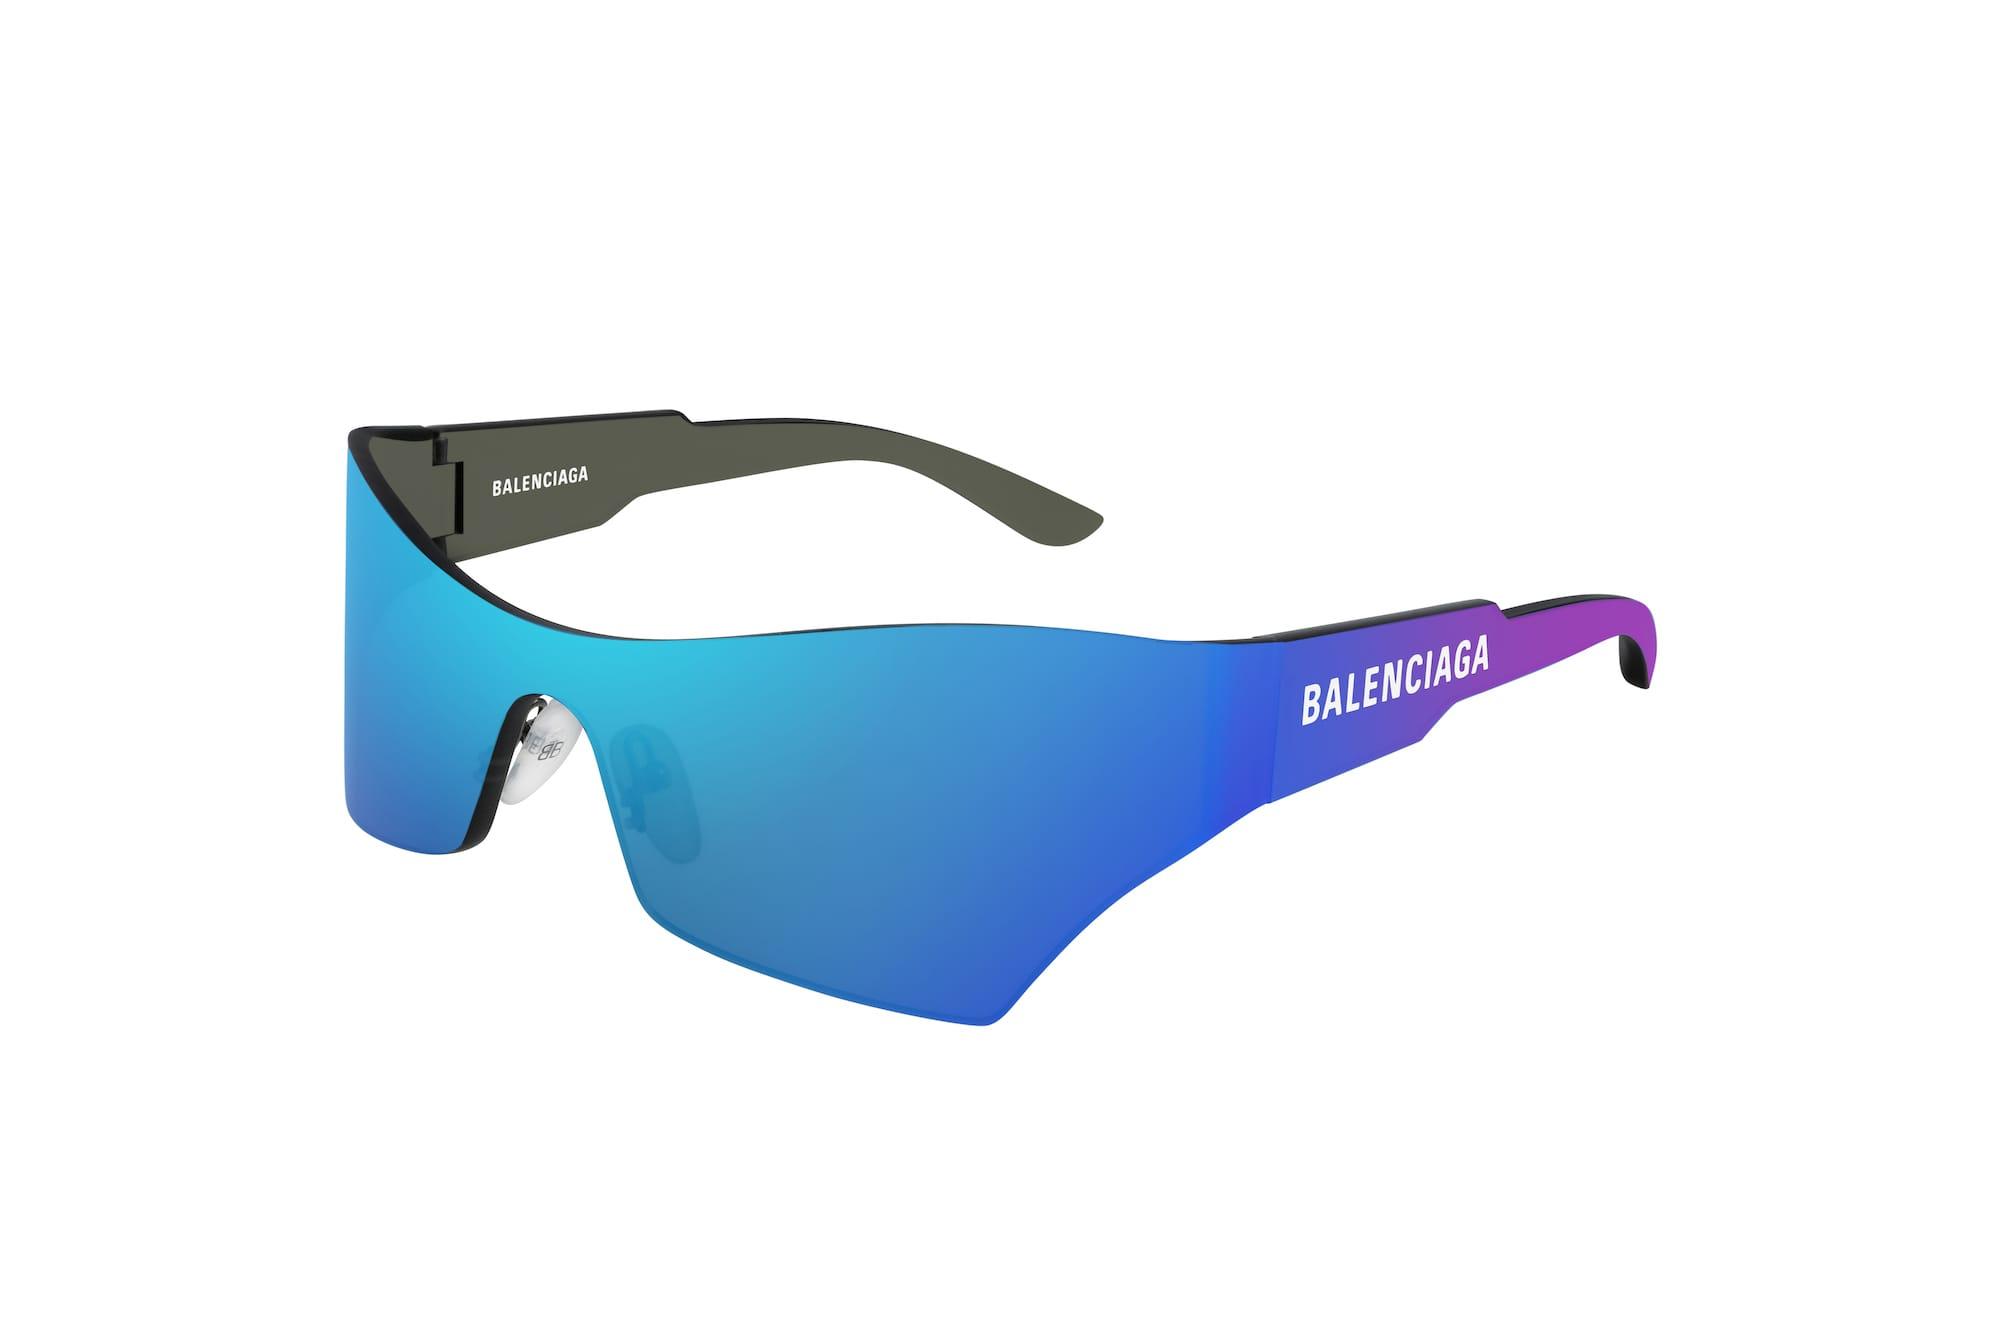 Balenciaga Summer 2019 Eyewear